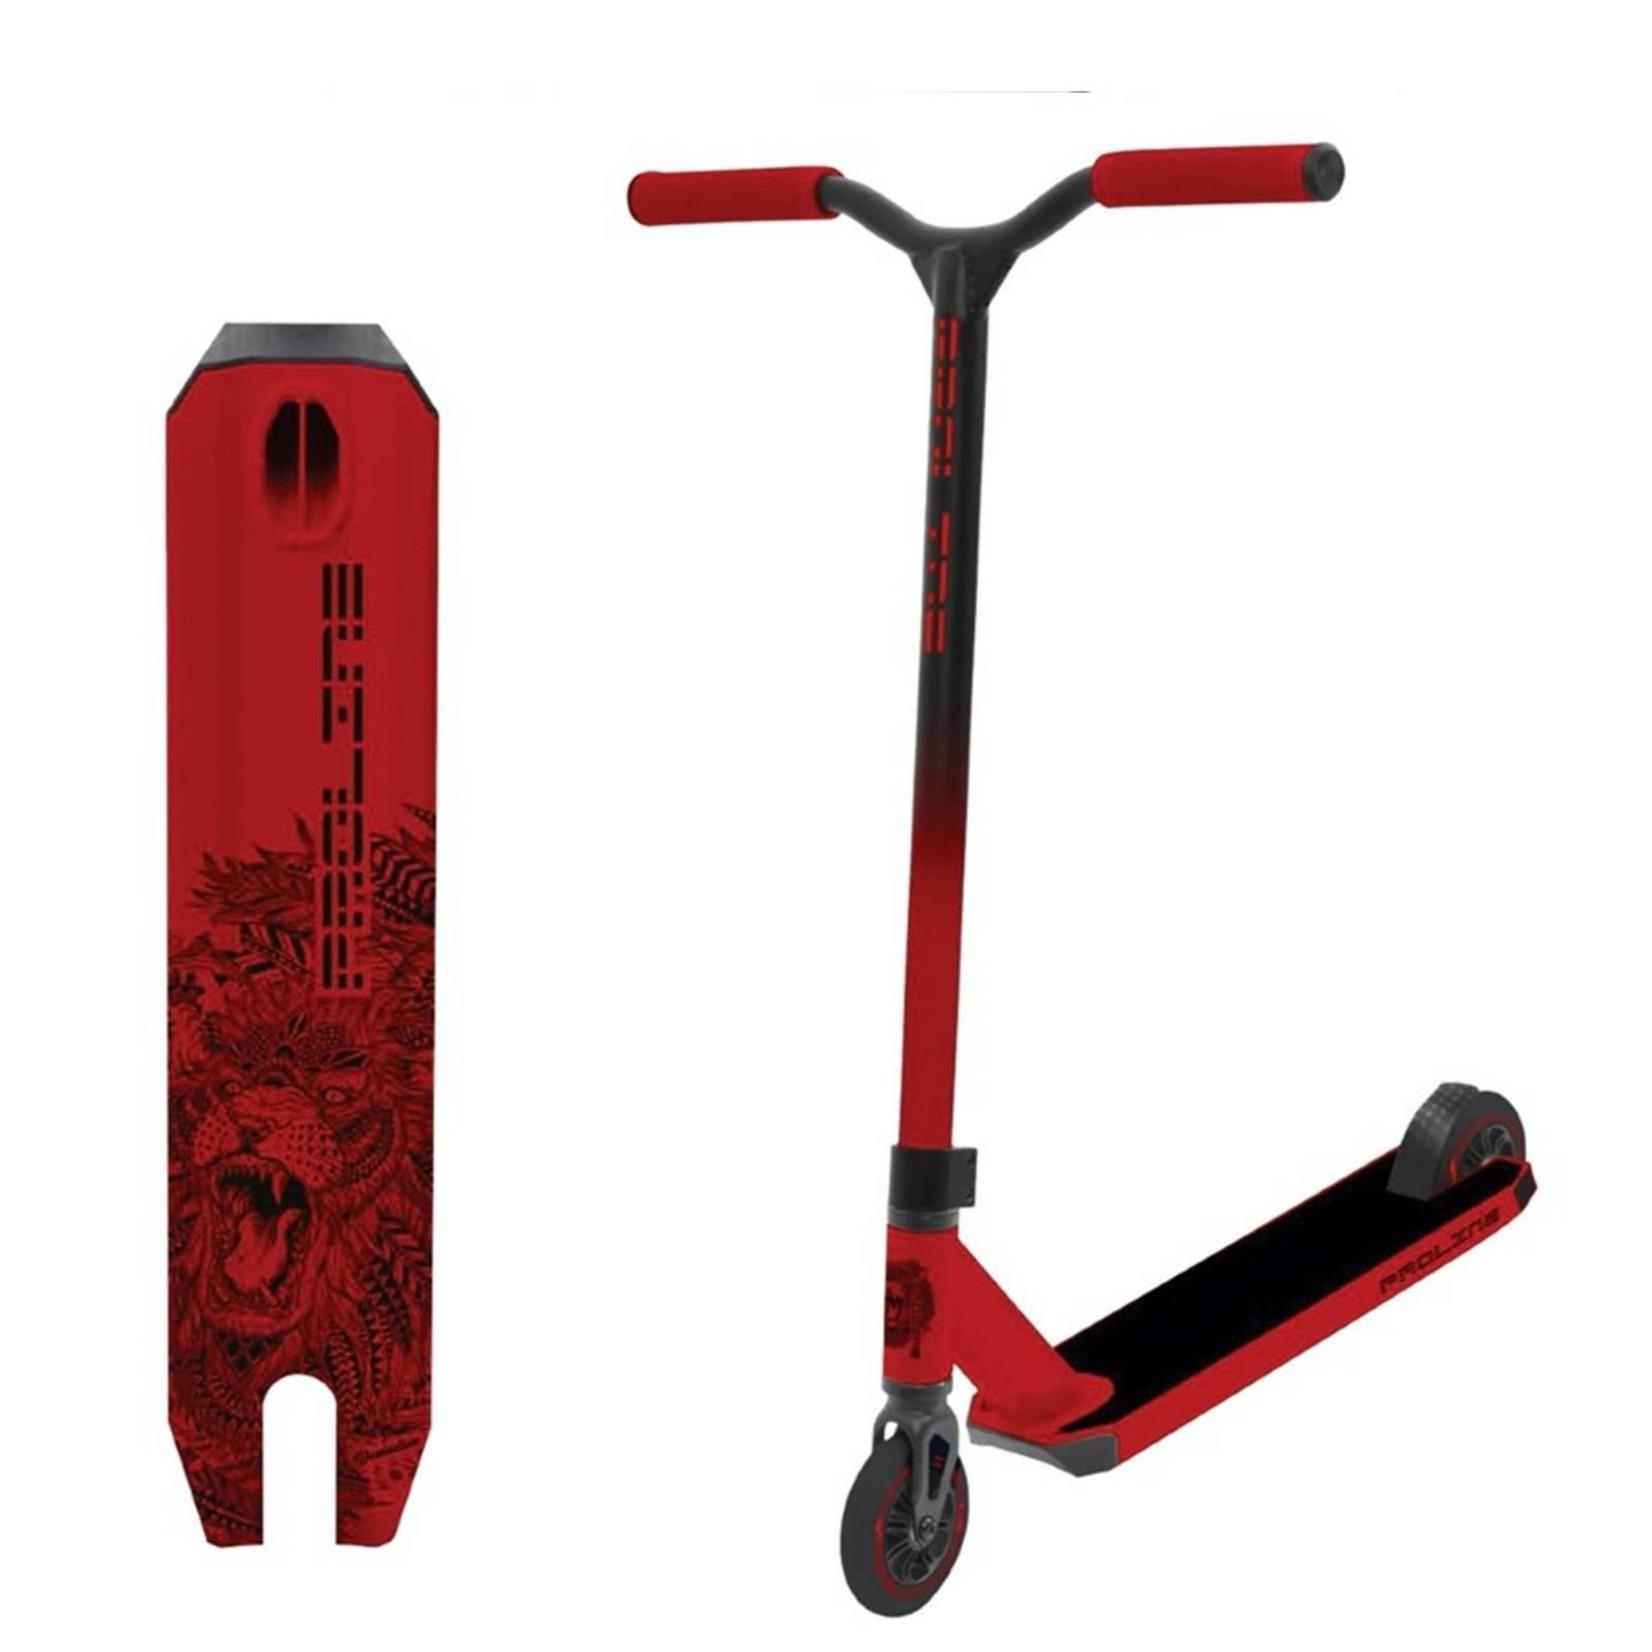 PROLINE Proline L1 Scooter Red